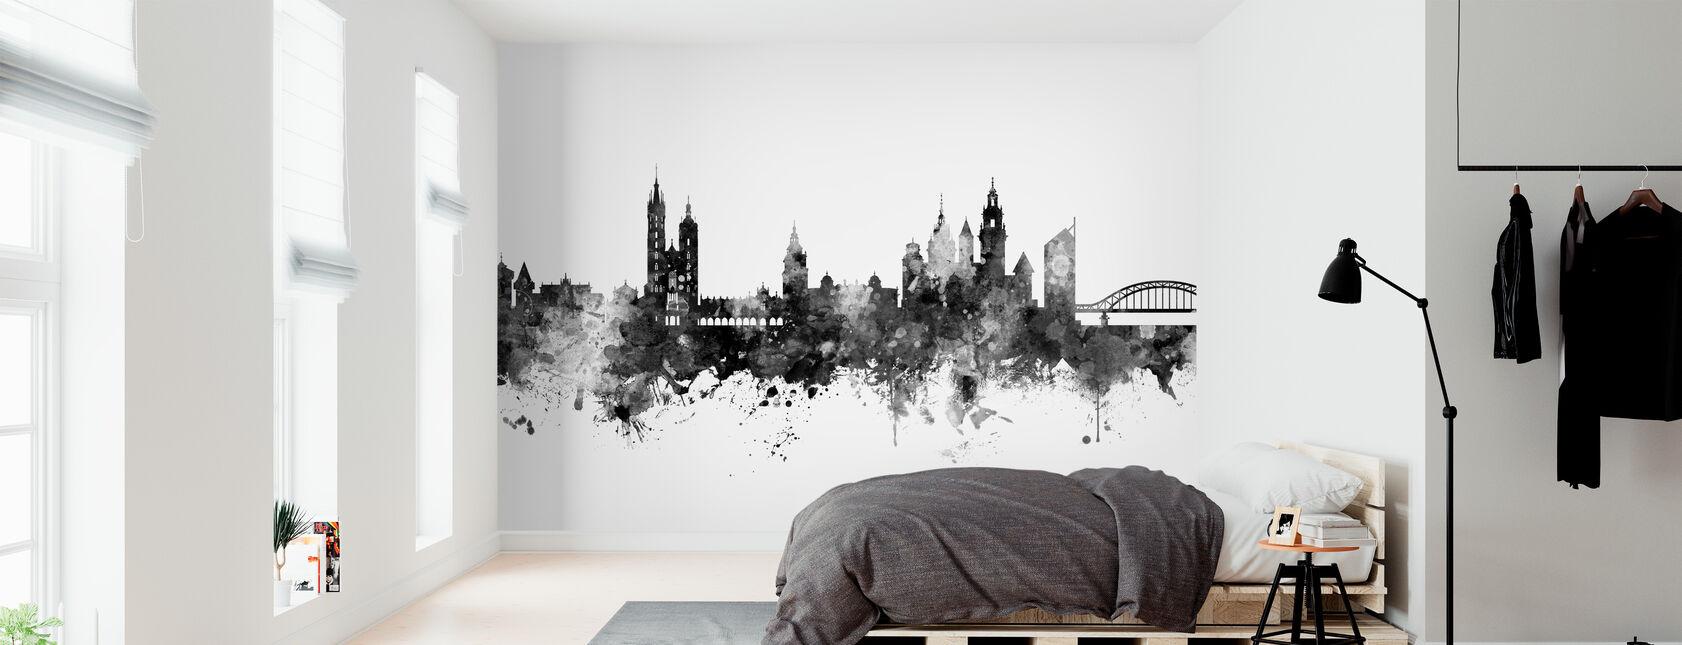 Krakow Poland Skyline Black - Wallpaper - Bedroom